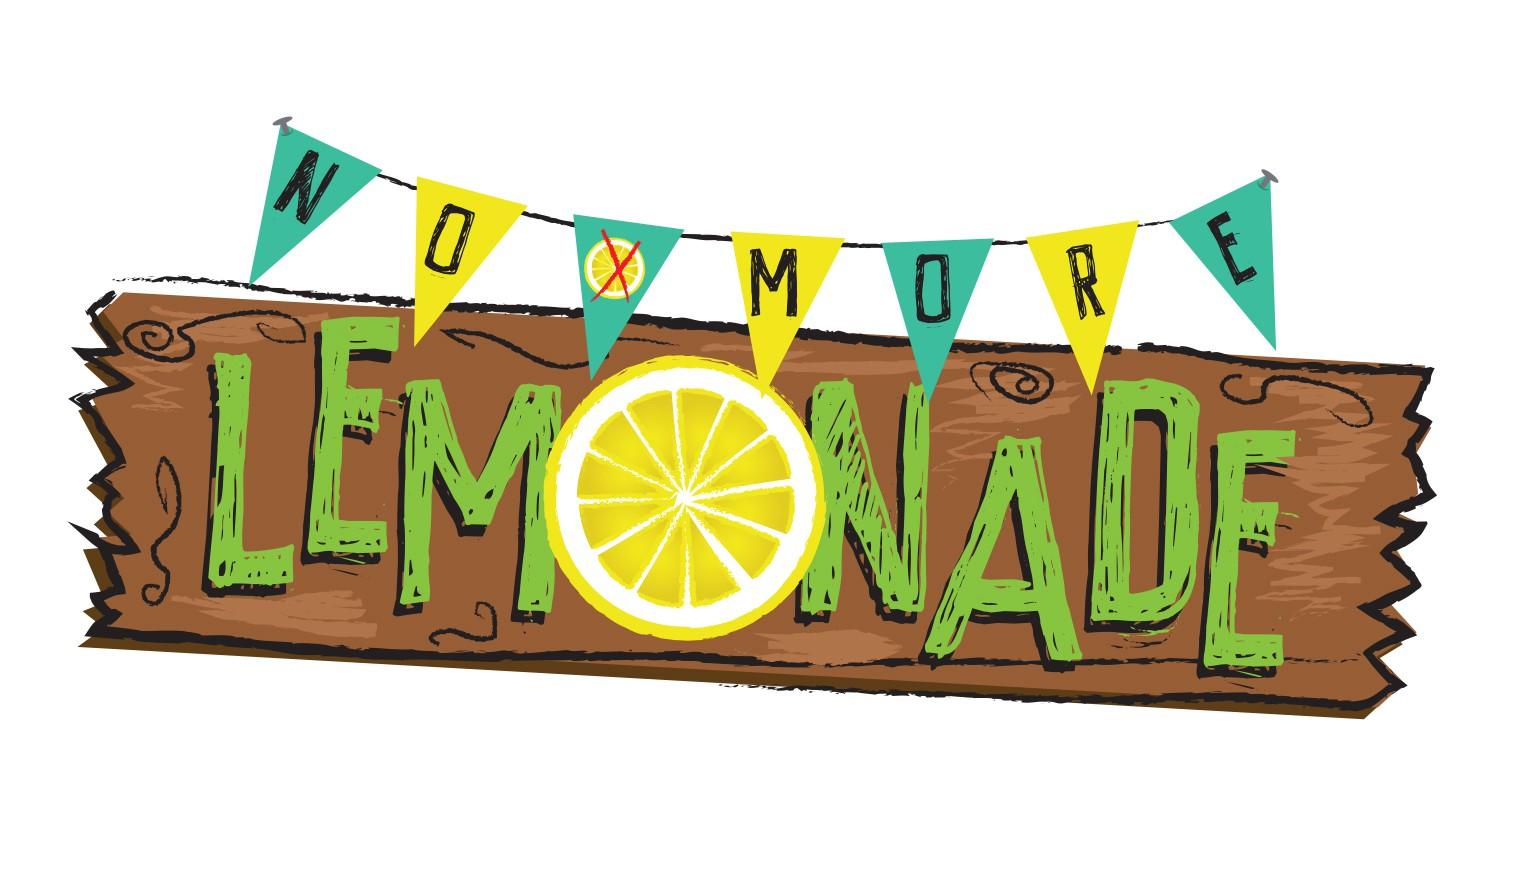 Lemonade stand concept logo